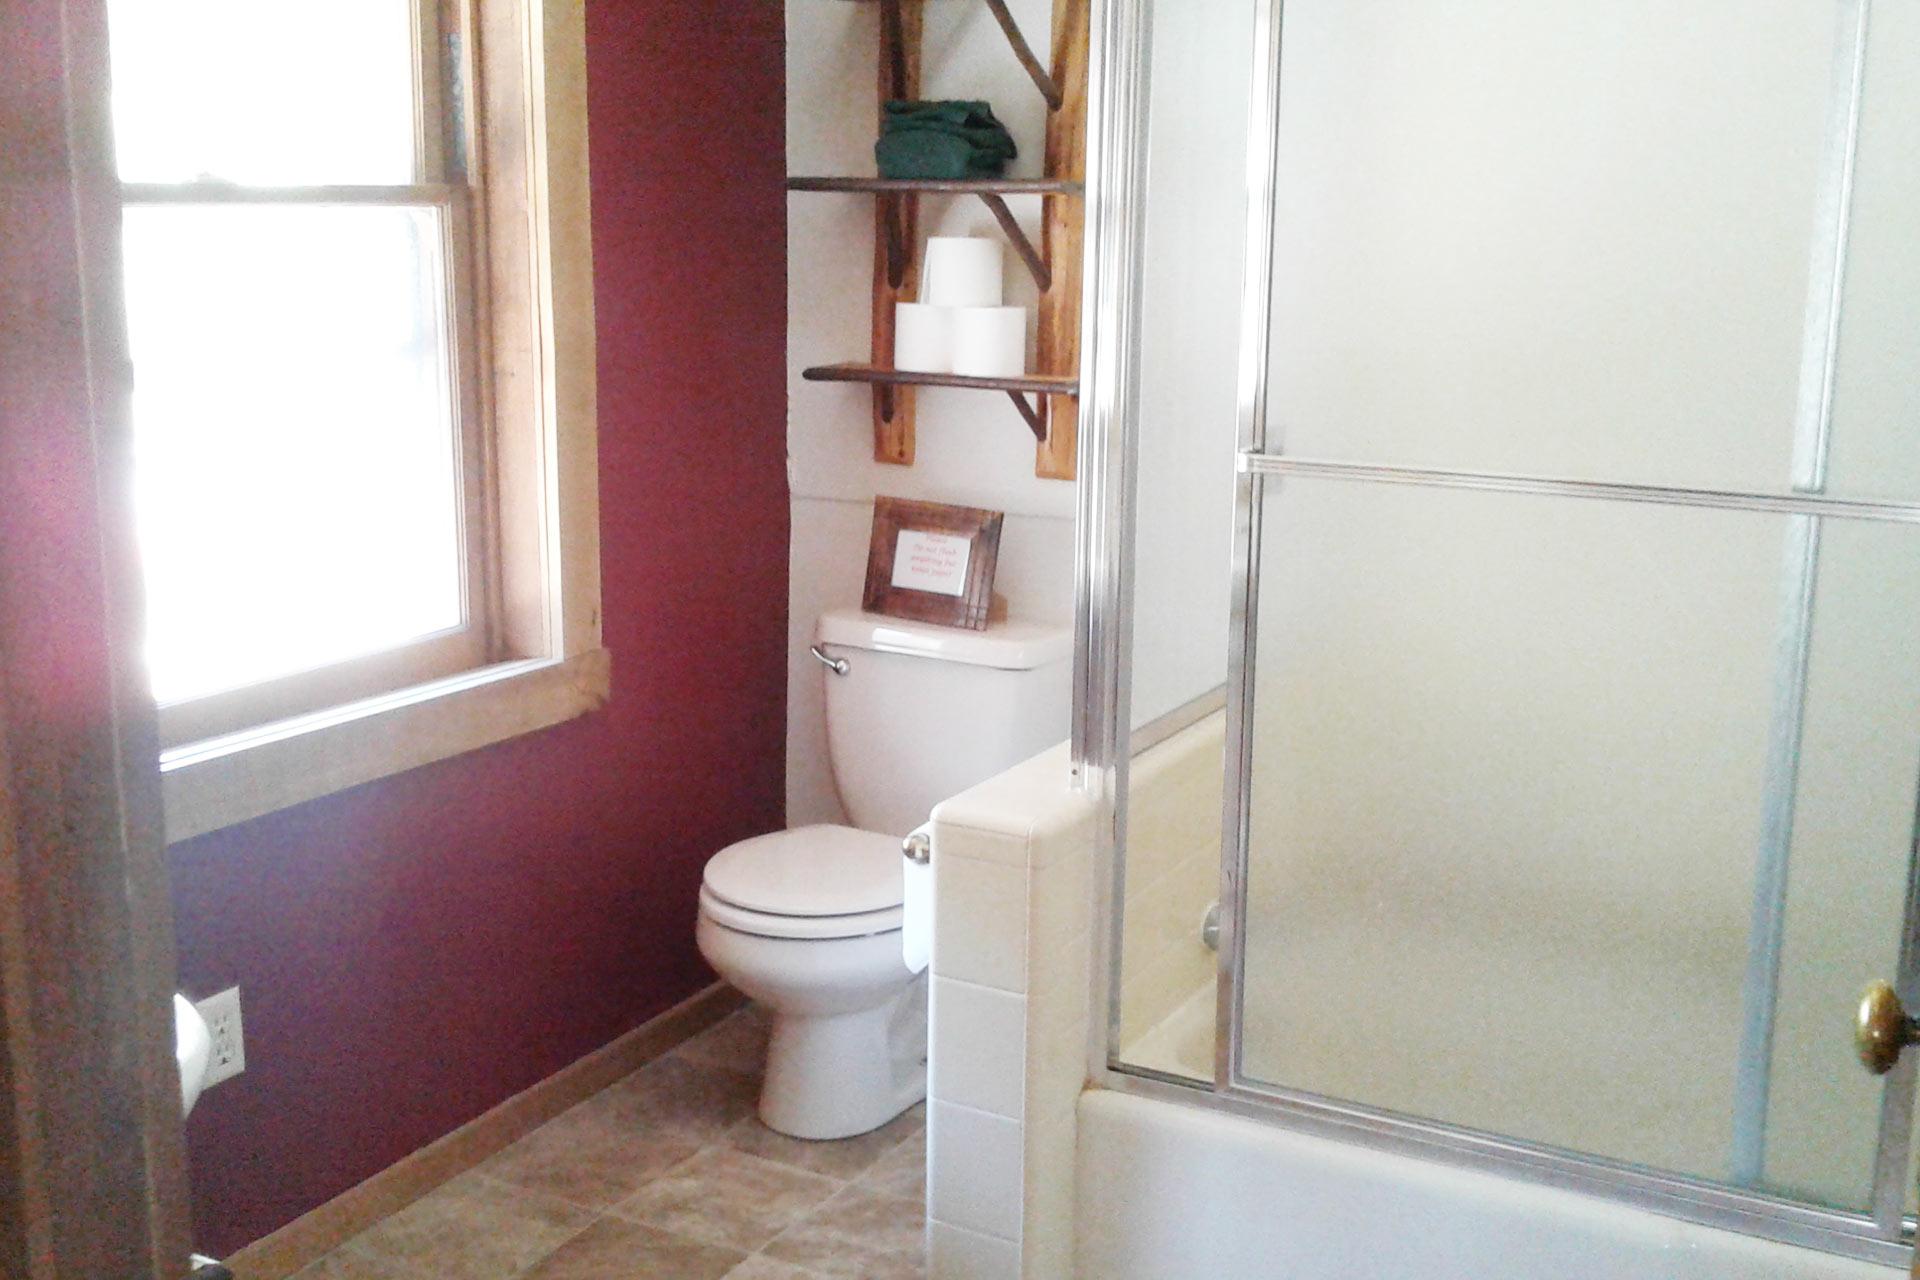 Master bathroom in the knickerbocker mansion